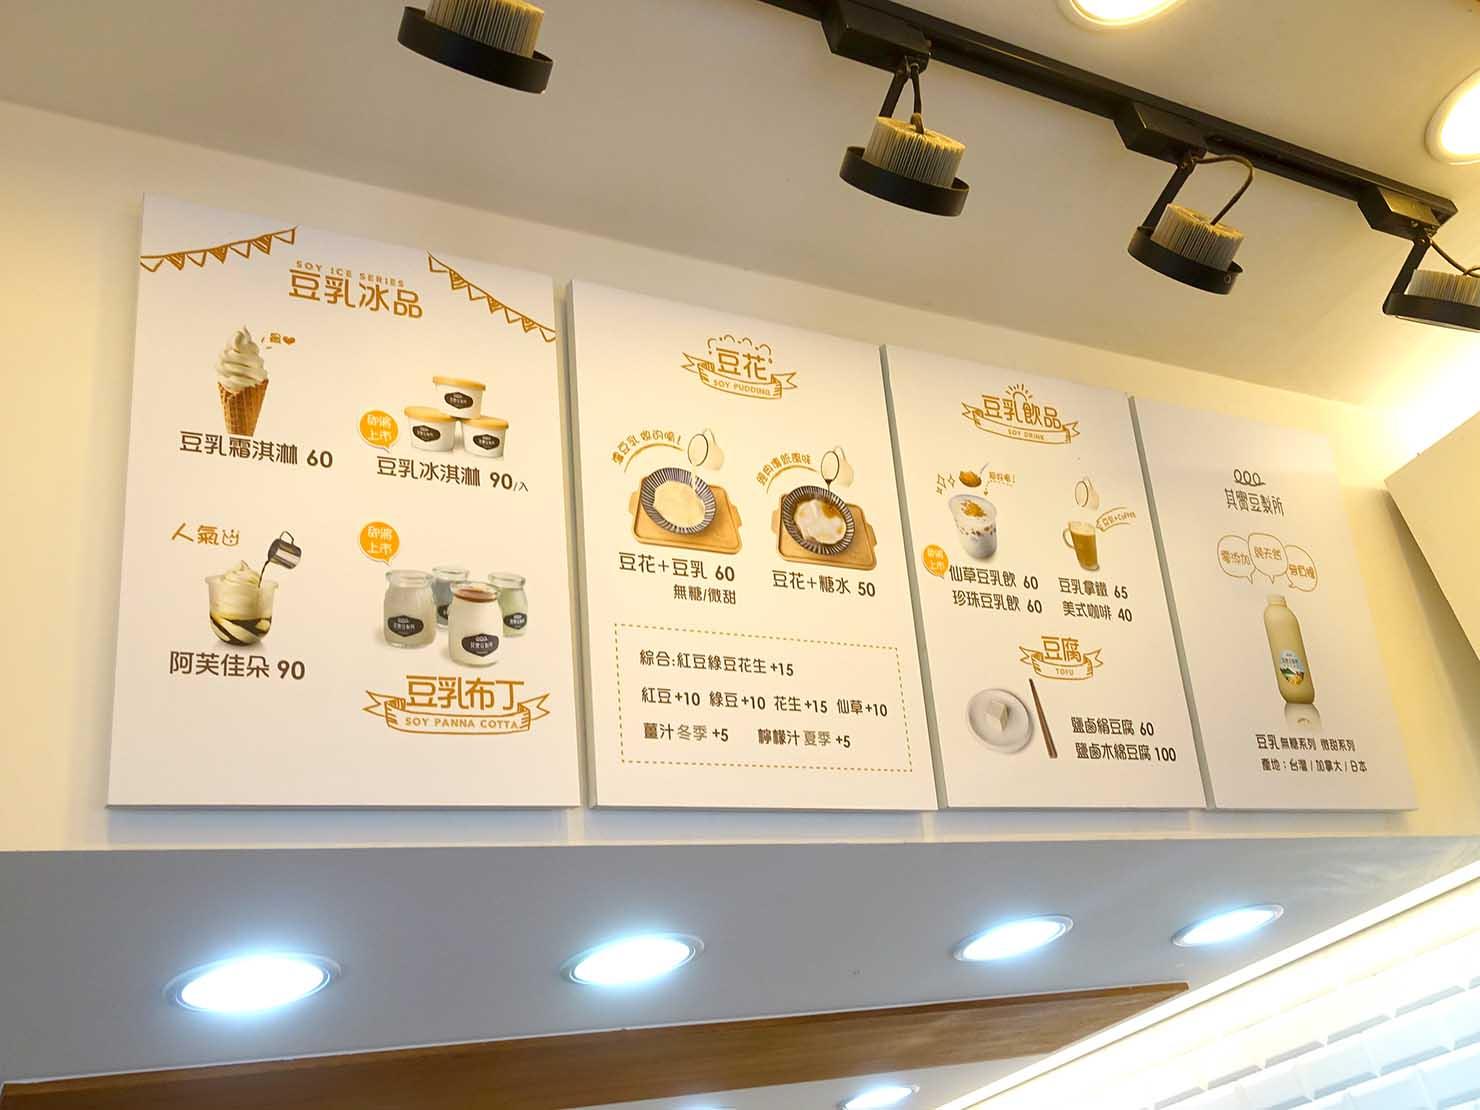 台北・永康街の豆花がいただけるお店「其實豆製所」のメニュー